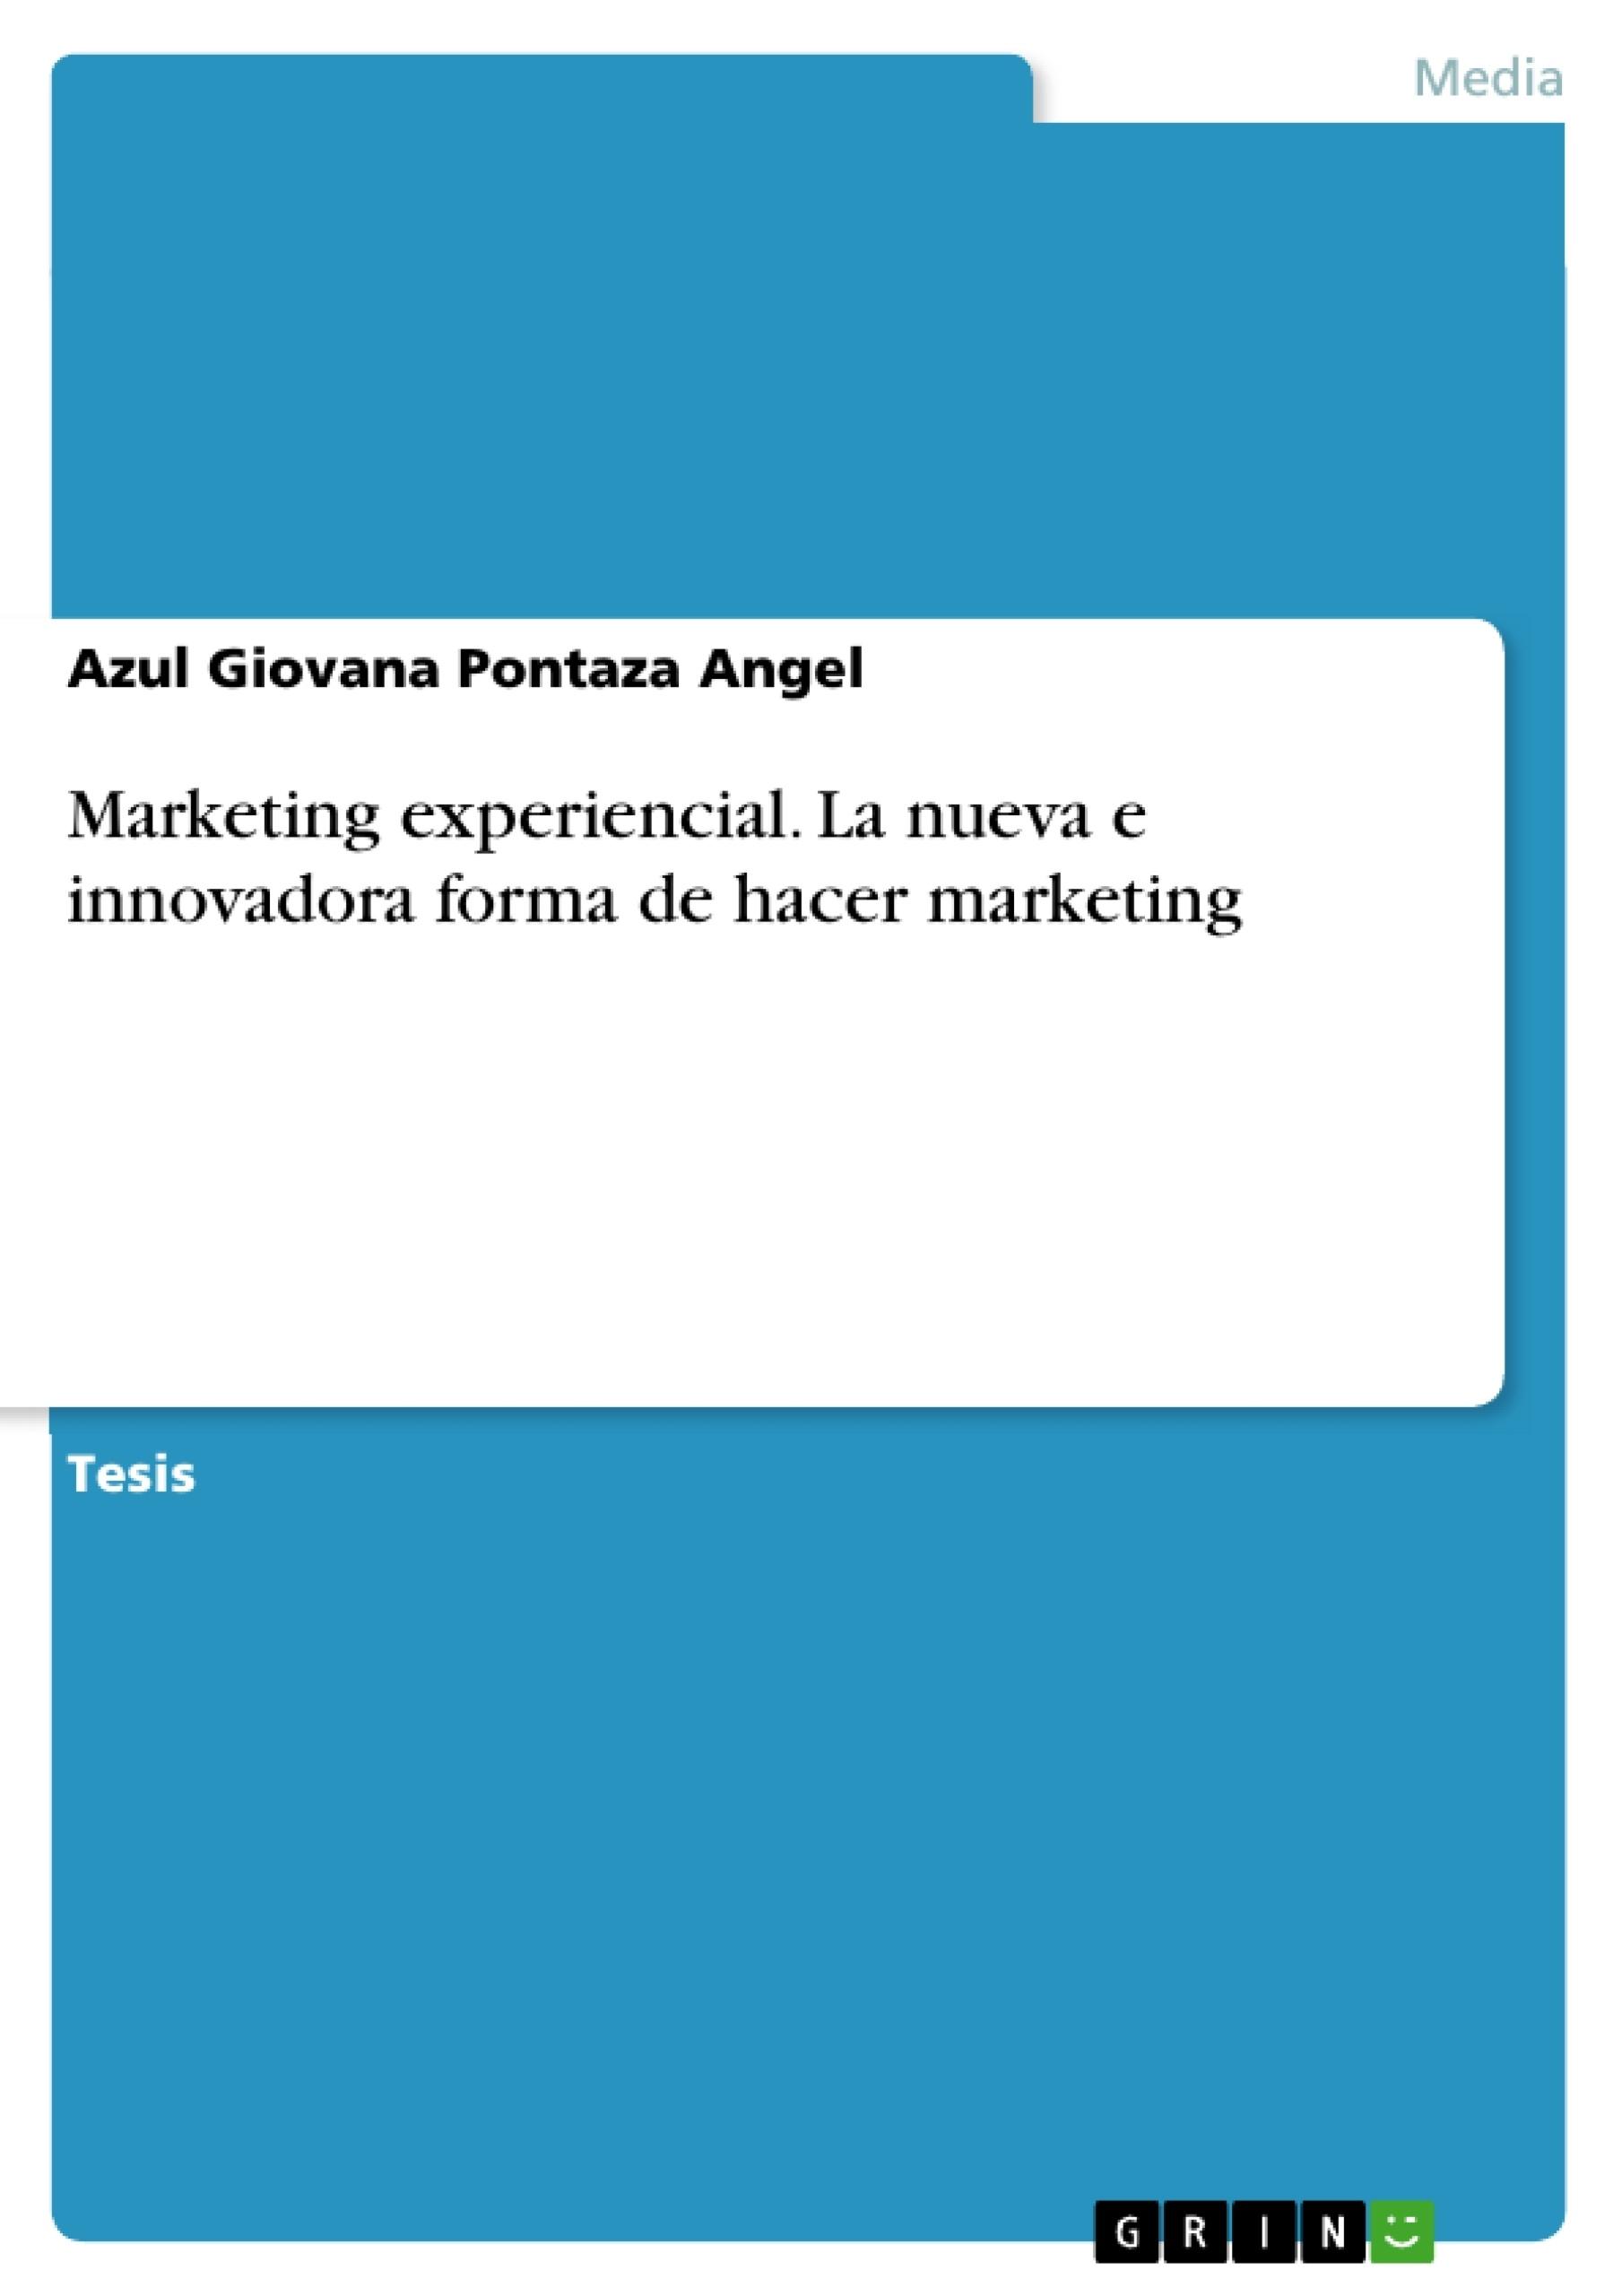 Título: Marketing experiencial. La nueva e innovadora forma de hacer marketing